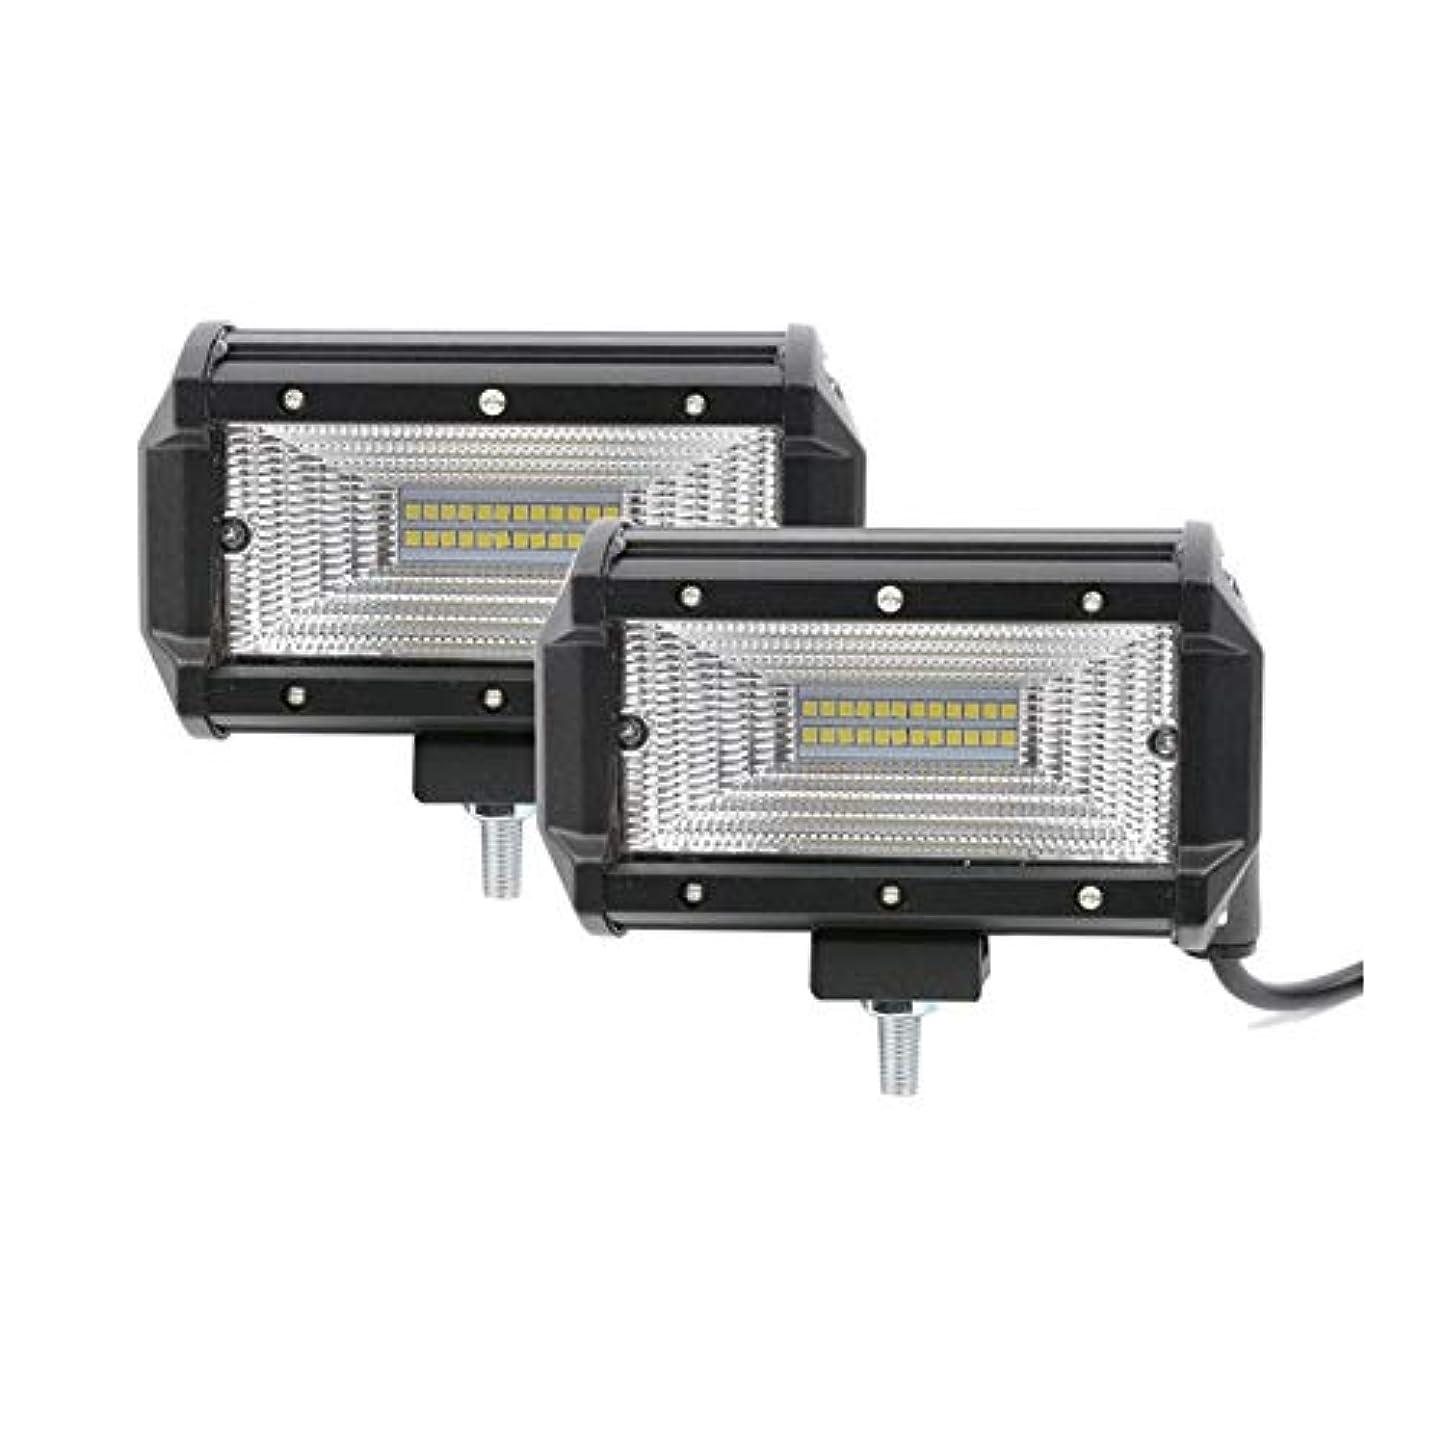 資源待つ意味のあるESA Supplies LEDスポットライト トラック用 IP 67 防水 ドライビングライト 72W LED オフロードライト 4x4 オートバイ トラック ATV UTV用 2個セット